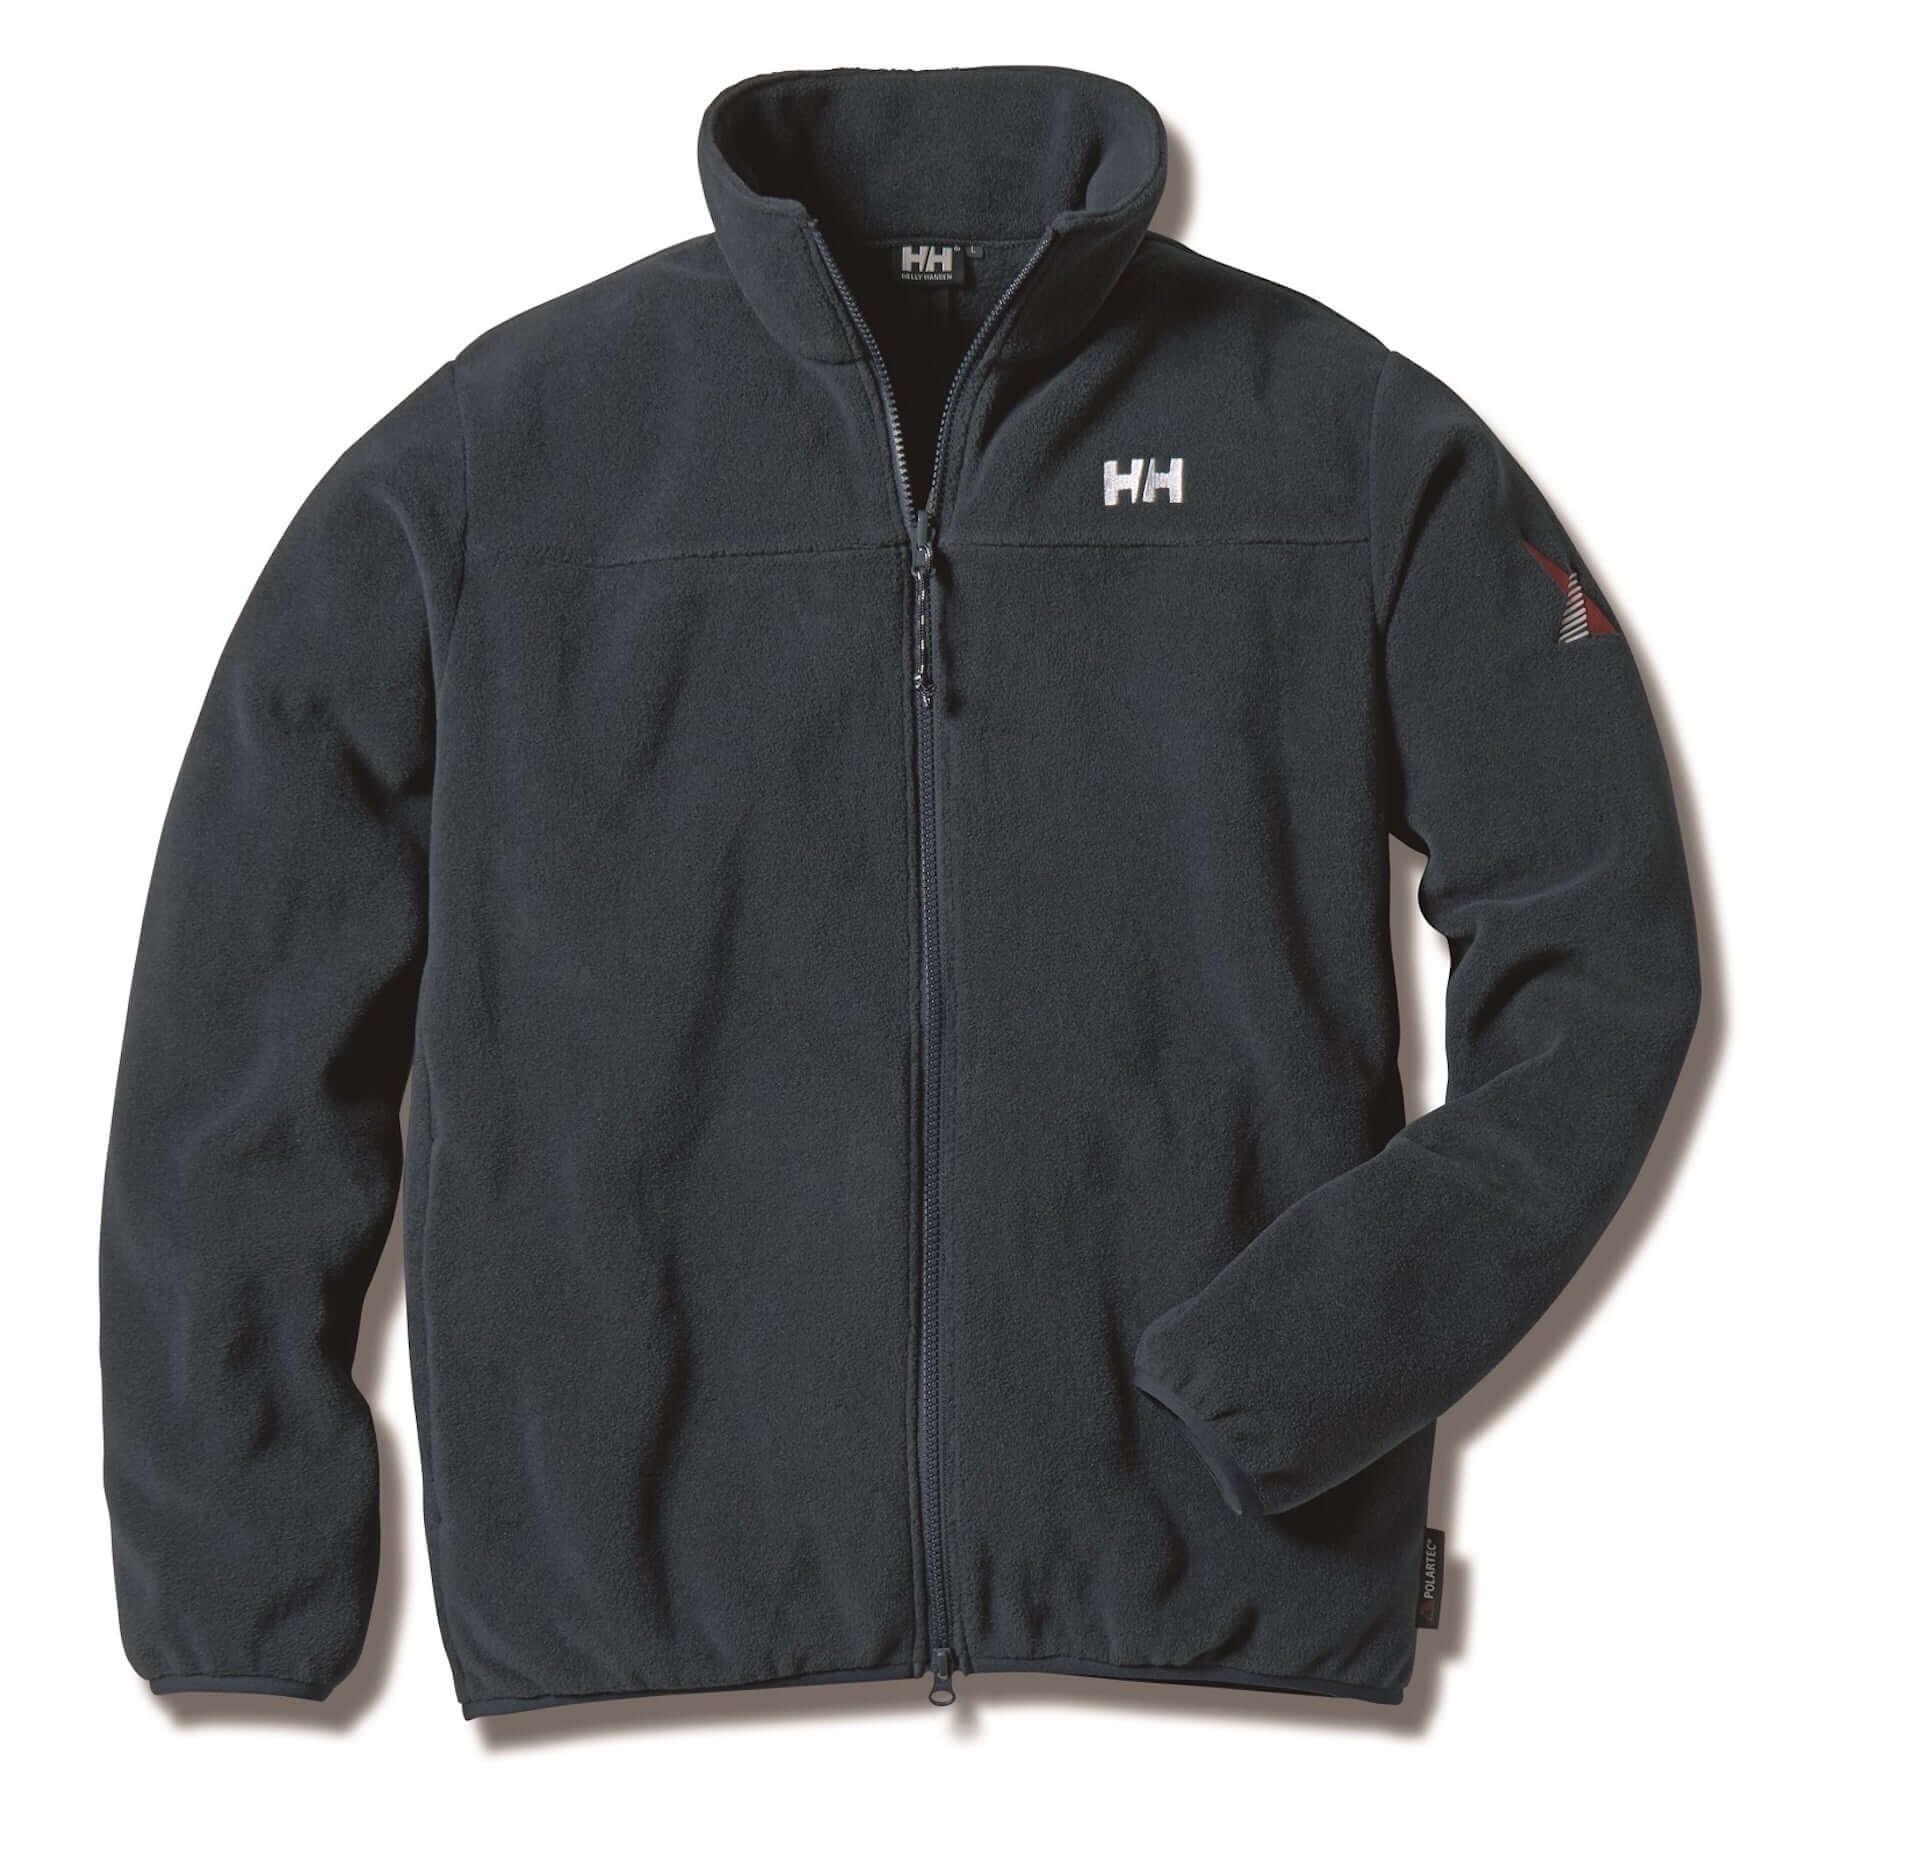 ヘリーハンセン×ライトアップショッピングクラブの別注アイテムが発売!3WAYジャケットや総裏フリースのパンツなどが登場 lf201029_helly-hansen_9-1920x1862